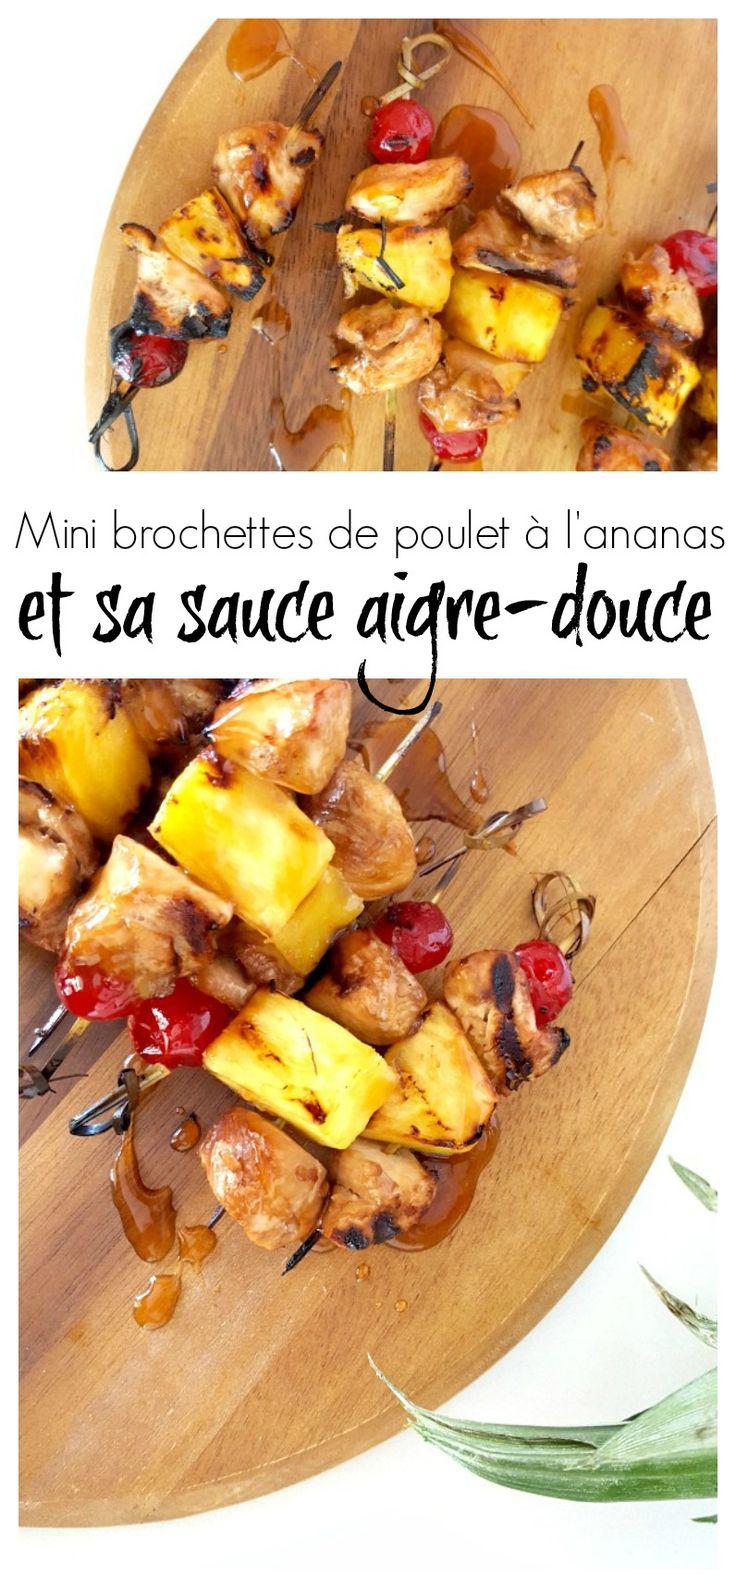 Profitez du BBQ avec ces délicieuses et toutes mignonnes mini brochettes de poulet à l'ananas aigre-douce. #pouletCa #chickendotca